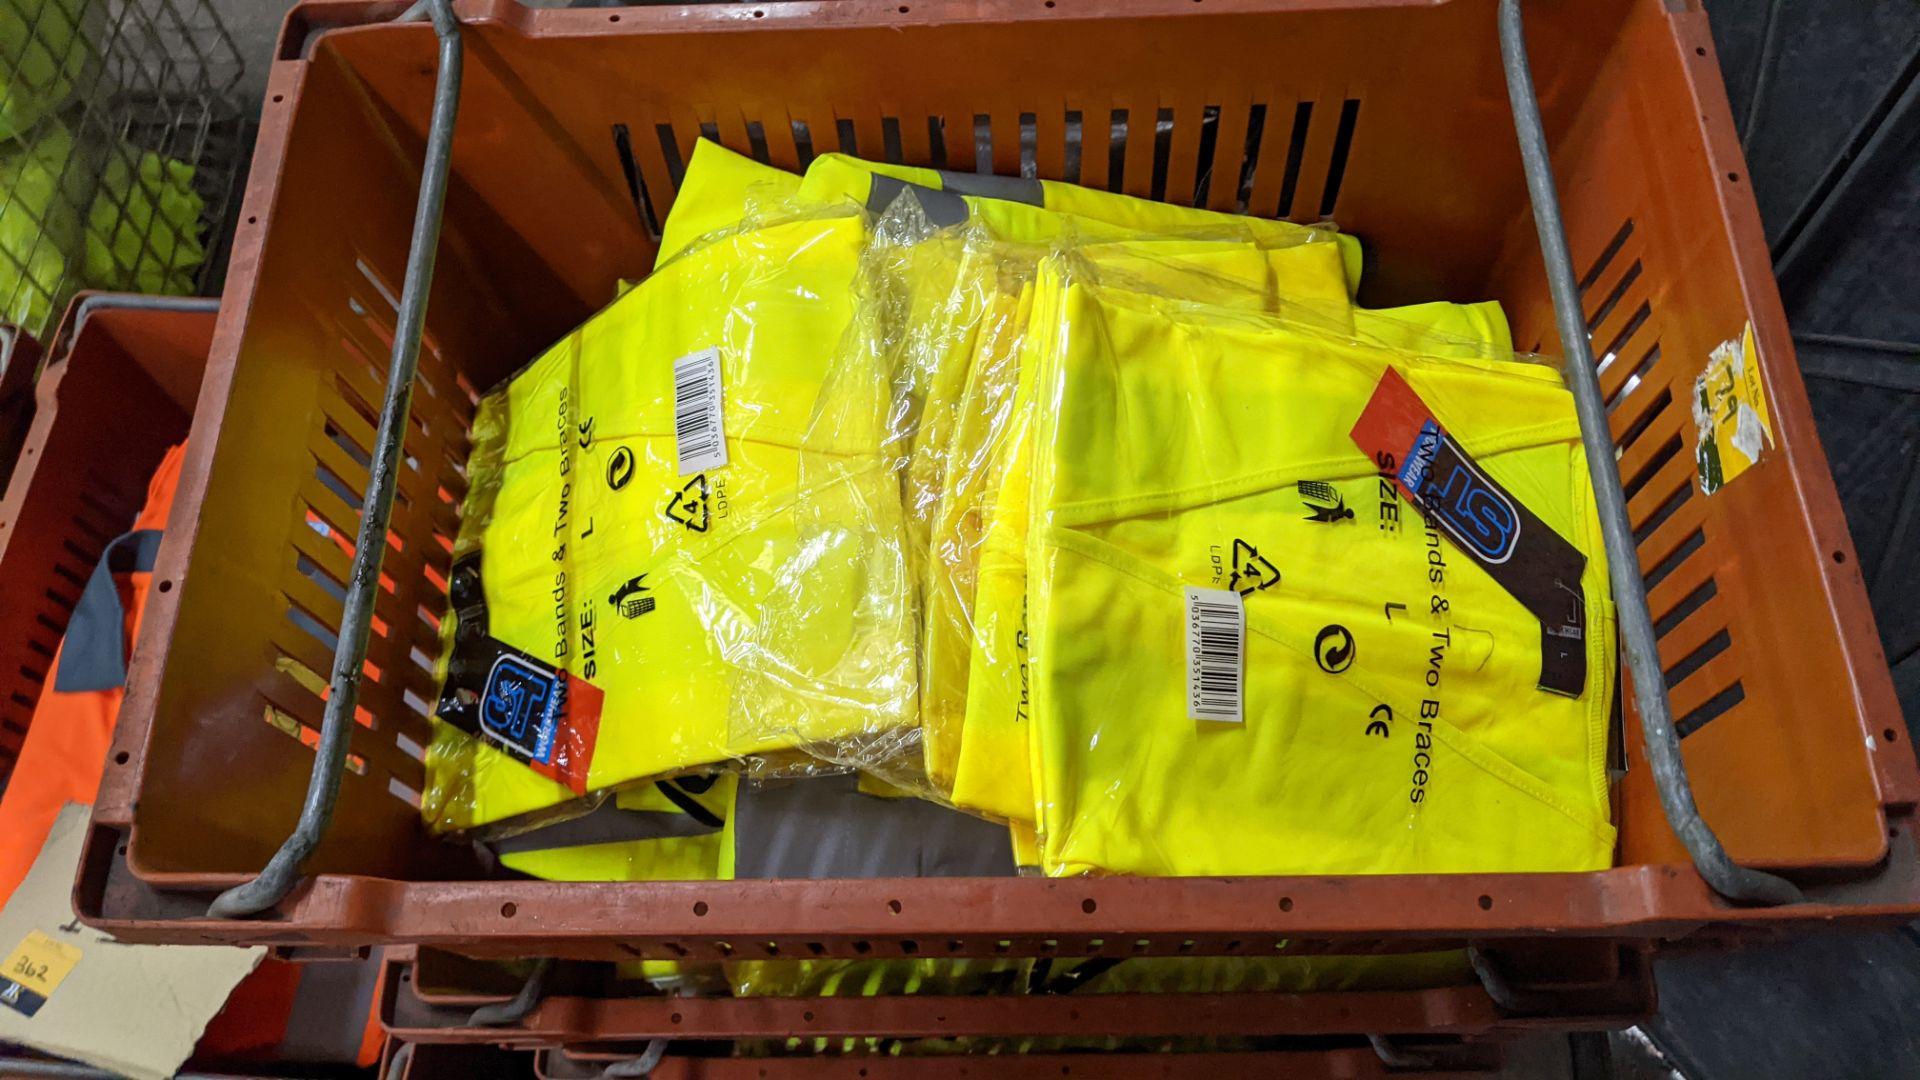 20 off yellow hi-vis vests - Image 4 of 5